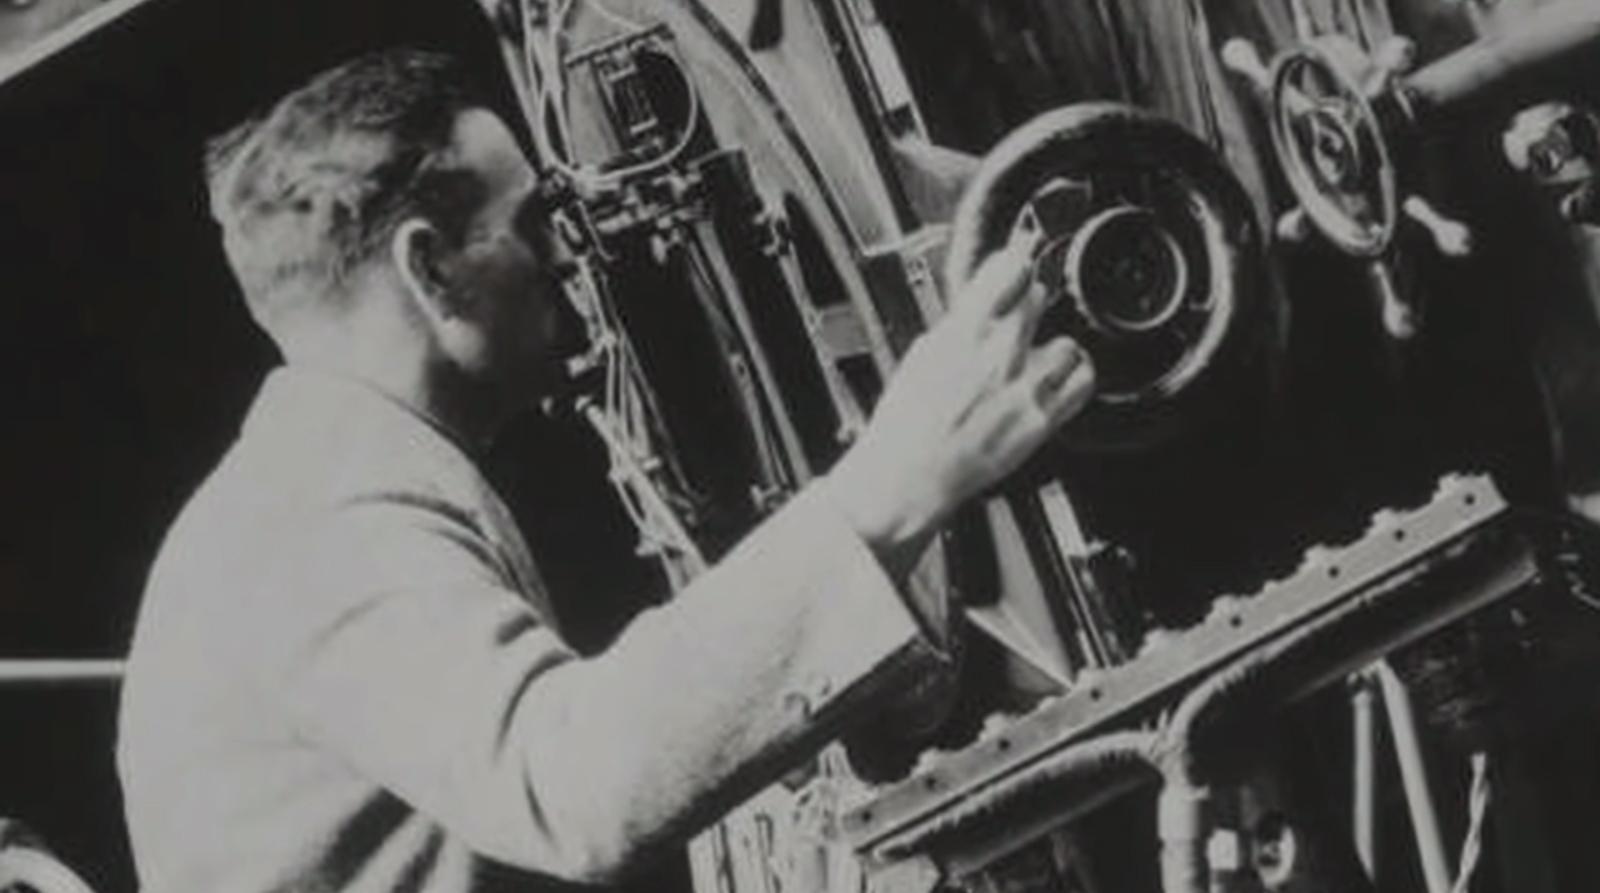 ผลการค้นหารูปภาพสำหรับ hubble space telescope